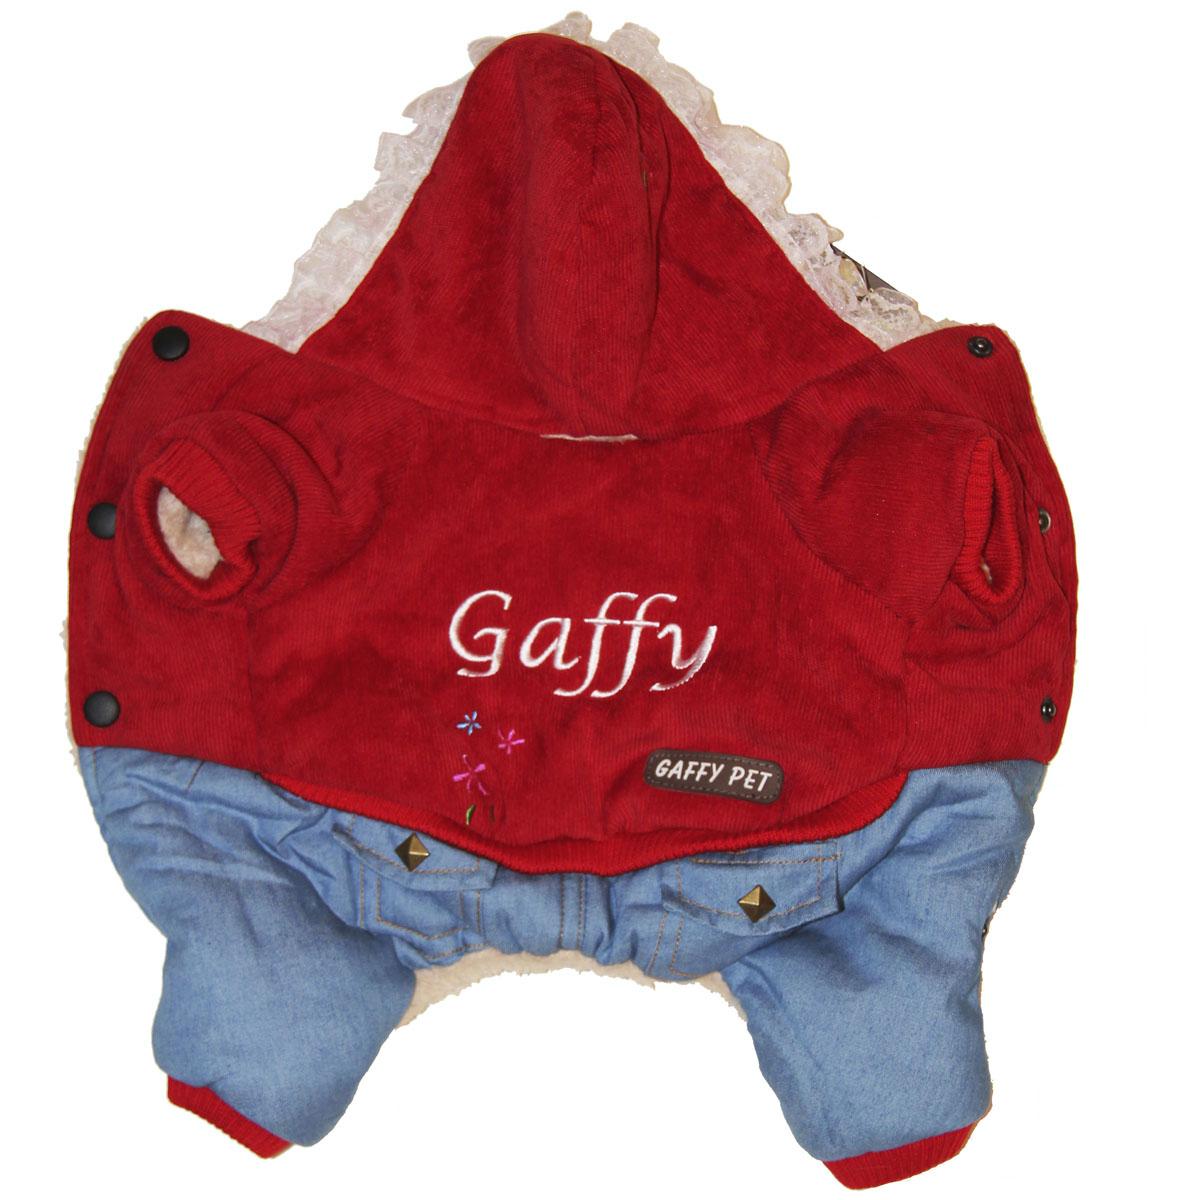 Комбинезон для собак Gaffy Pet Flower, зимний, для девочки, цвет: красный, голубой. Размер L11007 LКомбинезон для собак Gaffy Pet Flower отлично подойдет на зиму. Ваш питомец будет самым стильным и тепло одетым на прогулке. Все детали продуманы до мелочей. Капюшон отделан нежным кружевом. На стыке капюшона и спинки есть отверстие для поводка. Комбинезон внутри отделан теплым мехом для защиты от холода. Живот почти полностью закрыт, кроме необходимых для прогулок отверстий. На животе комбинезон фиксируется с помощью кнопок, а в нижней части живота есть 2 ряда кнопок для того, чтобы комбинезон точно сел по фигуре.Дополнительно комбинезон снабжен резинками на рукавах и штанинах для лучшей защиты от снега и холода. Интересная вышивка и оригинальные кнопки добавят собачке индивидуальности.Данные модели комбинезонов с закрытым животом были запатентованы как полезная модель. Патент # 2014125392.Обхват шеи: 30 см.Обхват груди: 50 см.Длина спины: 34 см.Одежда для собак: нужна ли она и как её выбрать. Статья OZON Гид